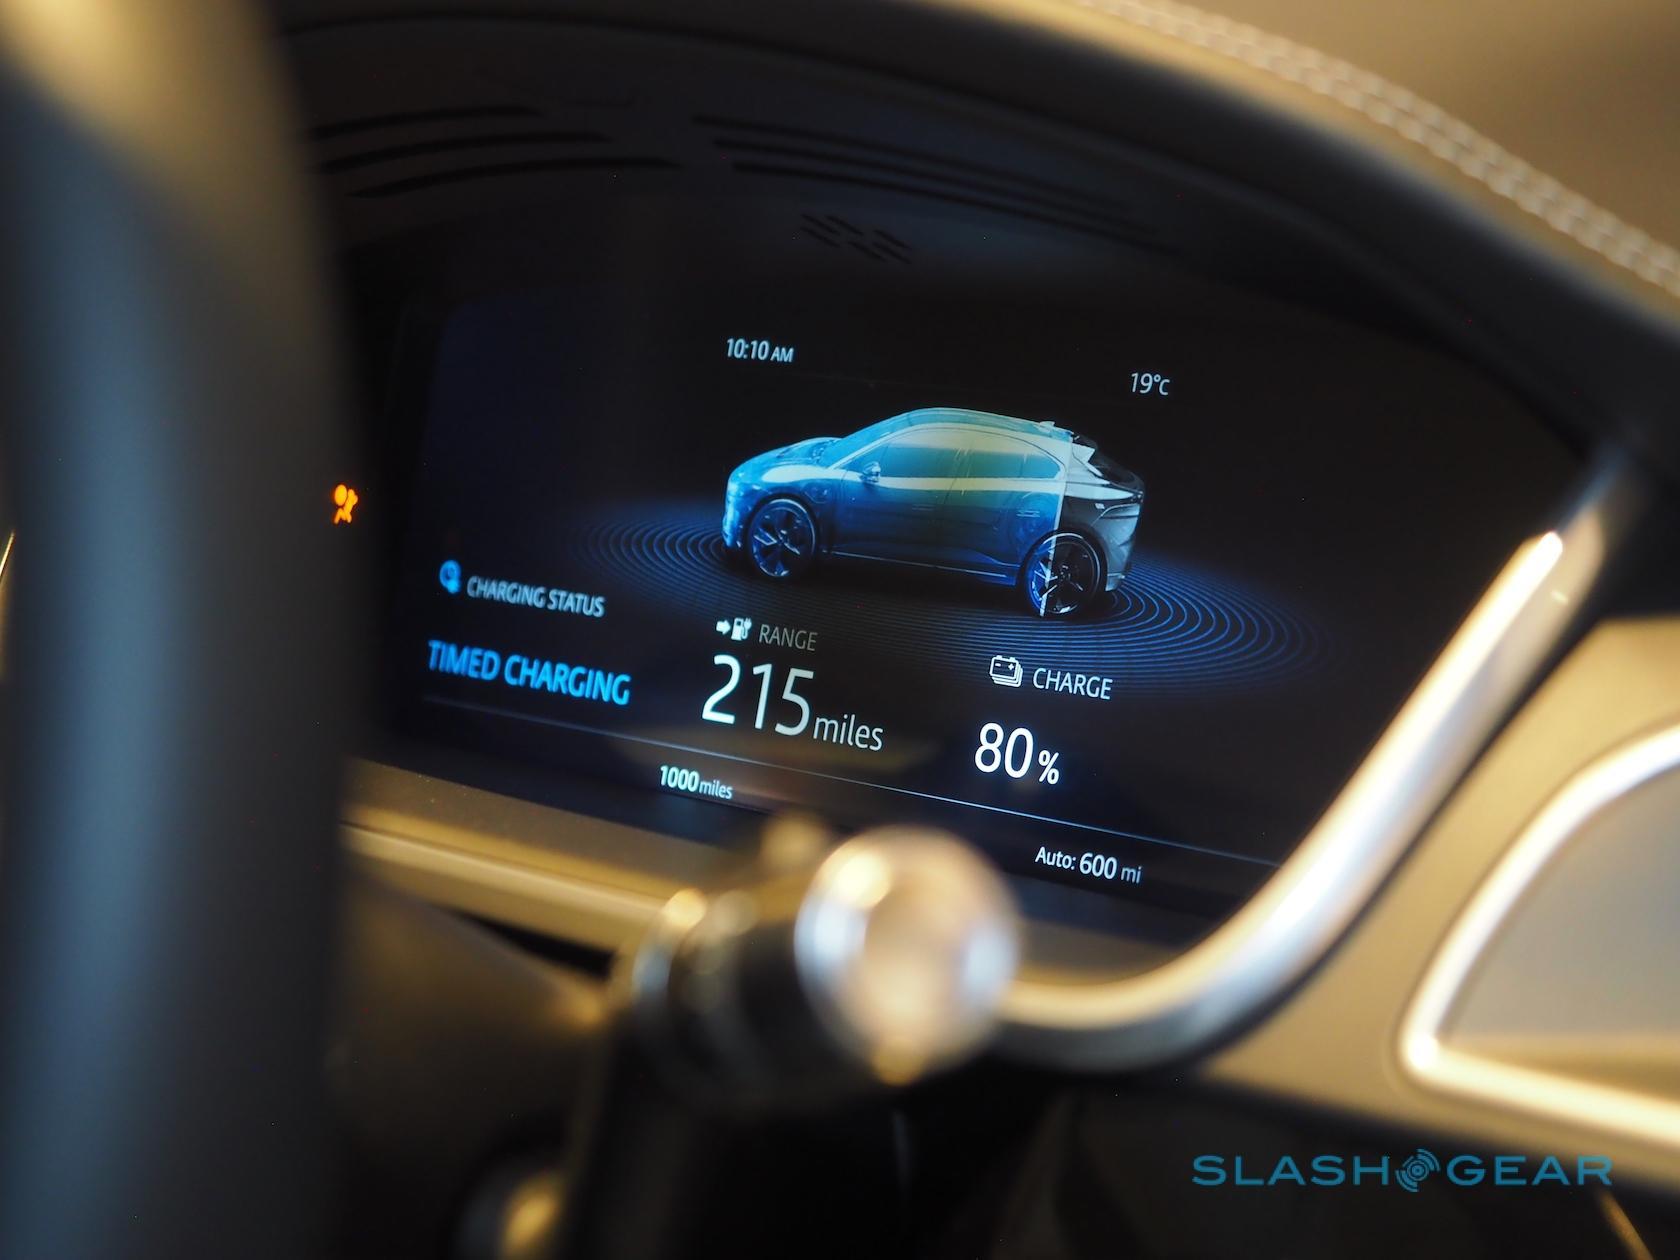 2019 Jaguar I Pace Us Price Undercuts Model X Slashgear